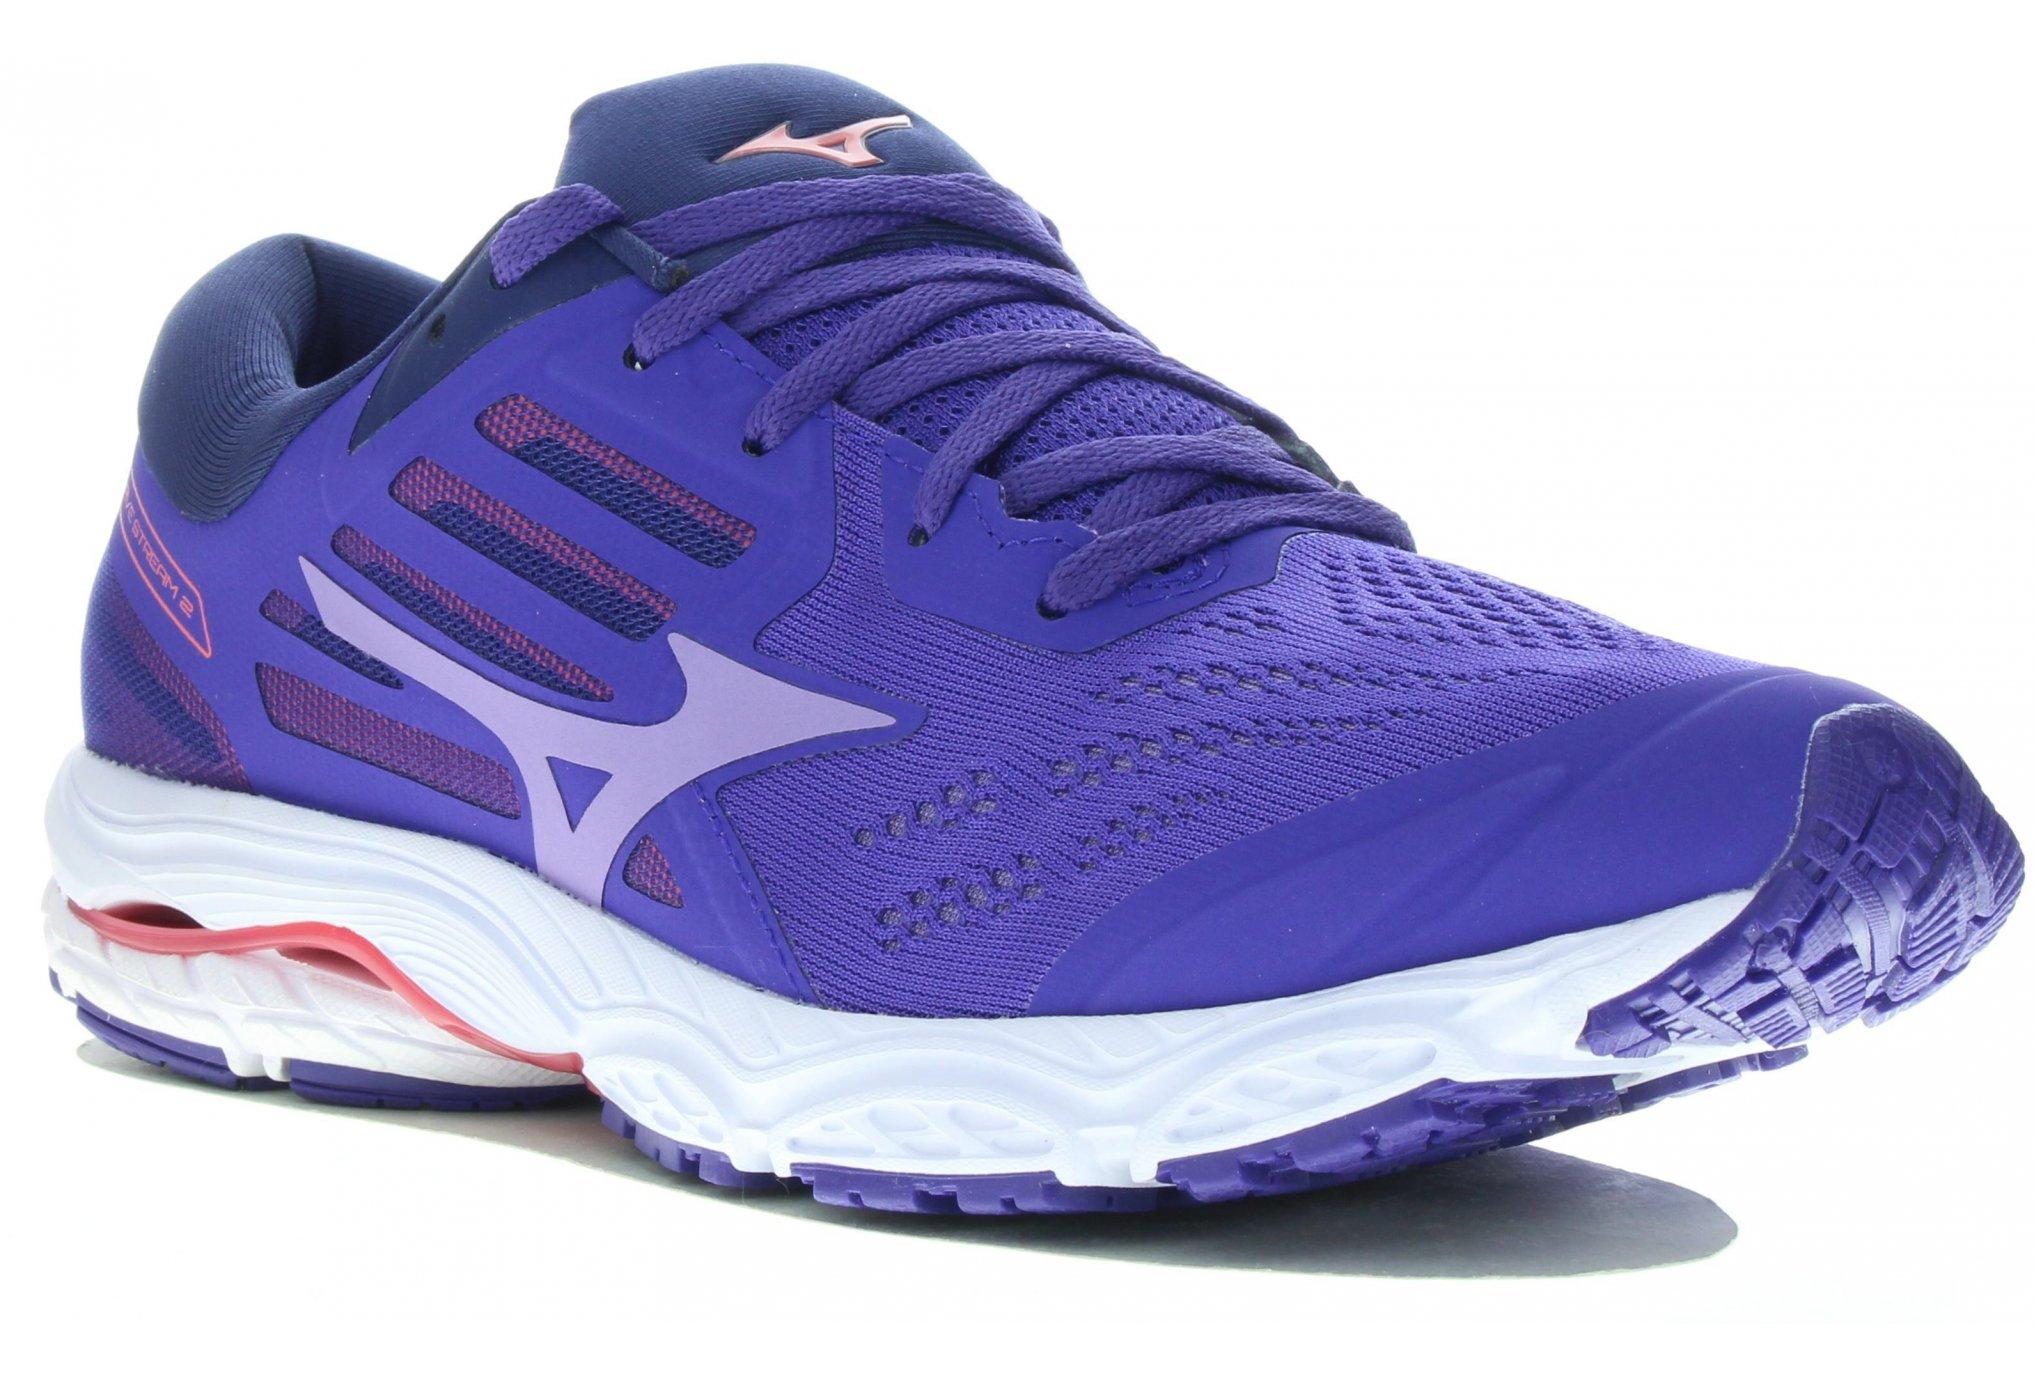 Mizuno Wave Stream 2 W Chaussures running femme